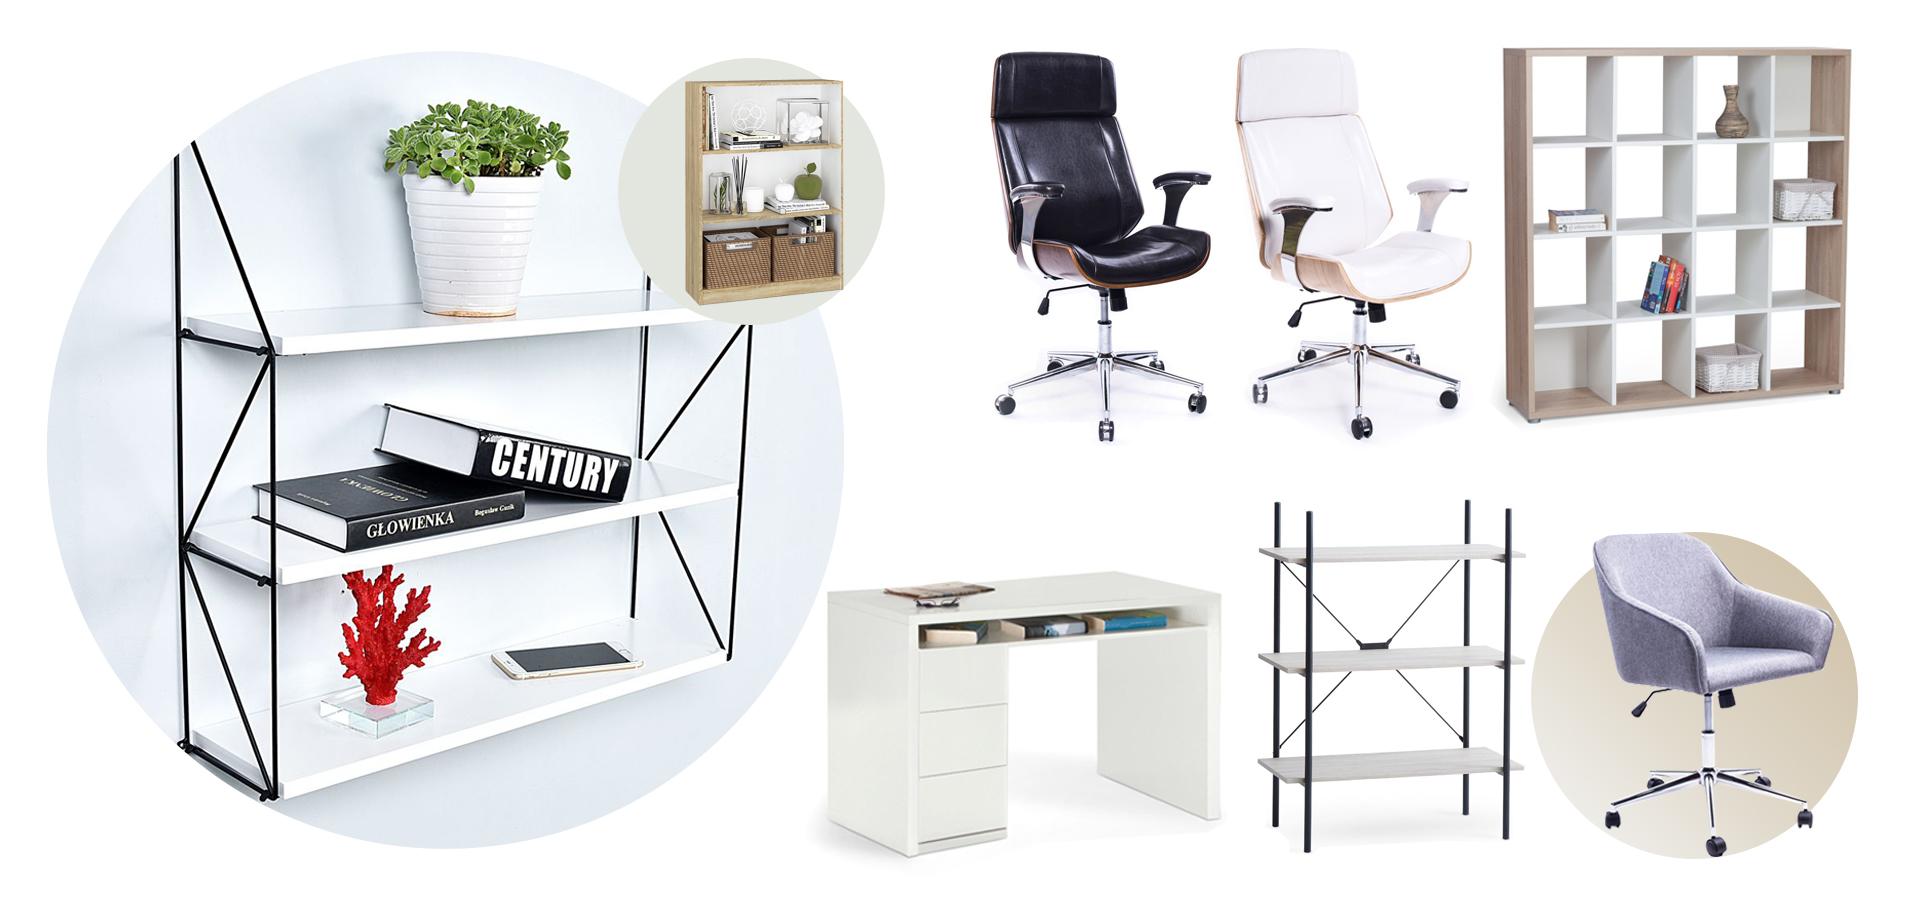 c3063d483a6 Juhis, kuidas tekitada ergonoomilist ja inspireerivat tööpaika